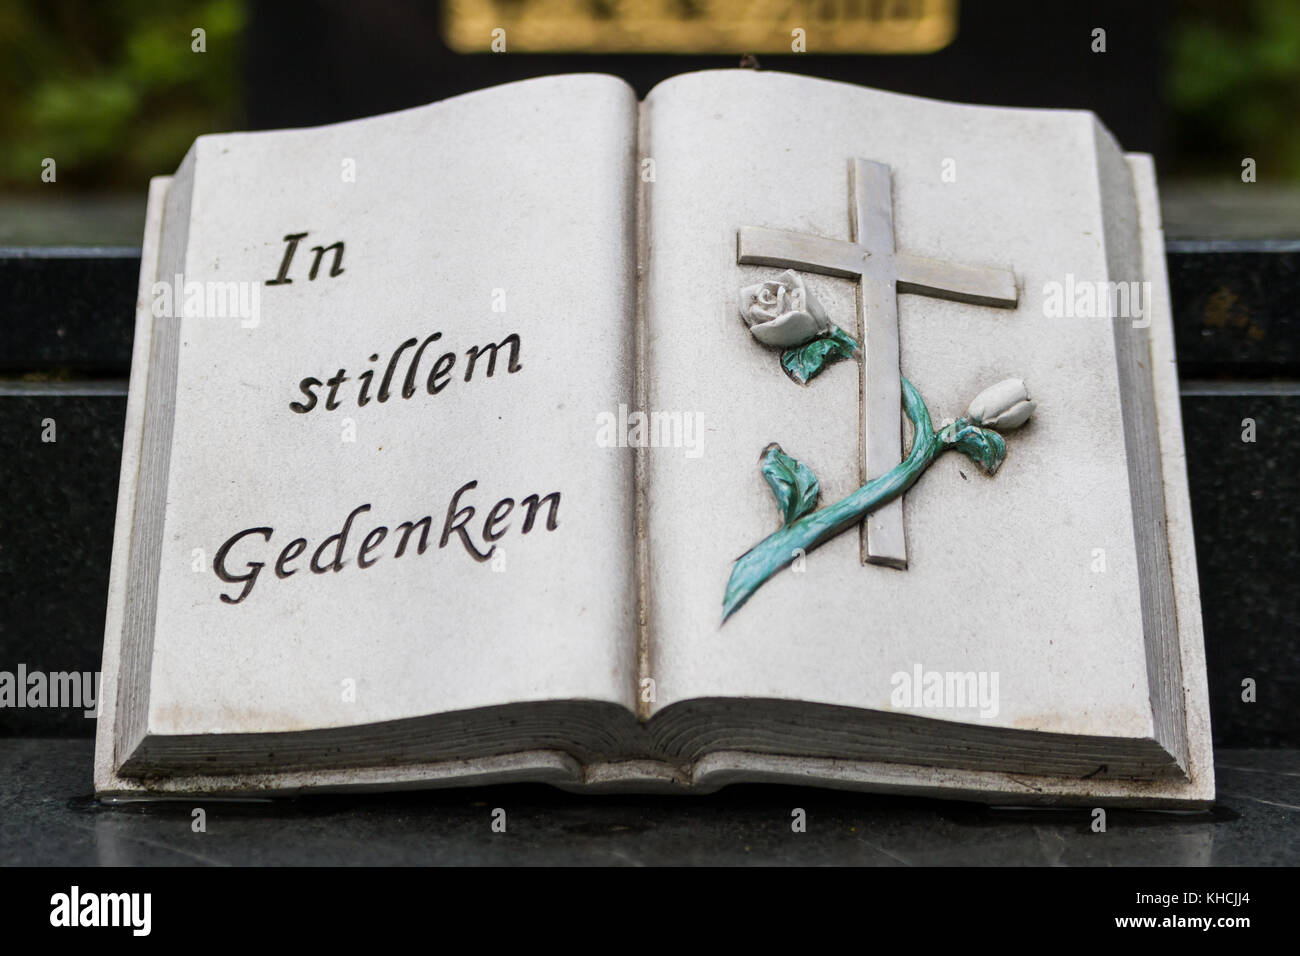 In stillem Gedenken steinernes Buch - Stock Image